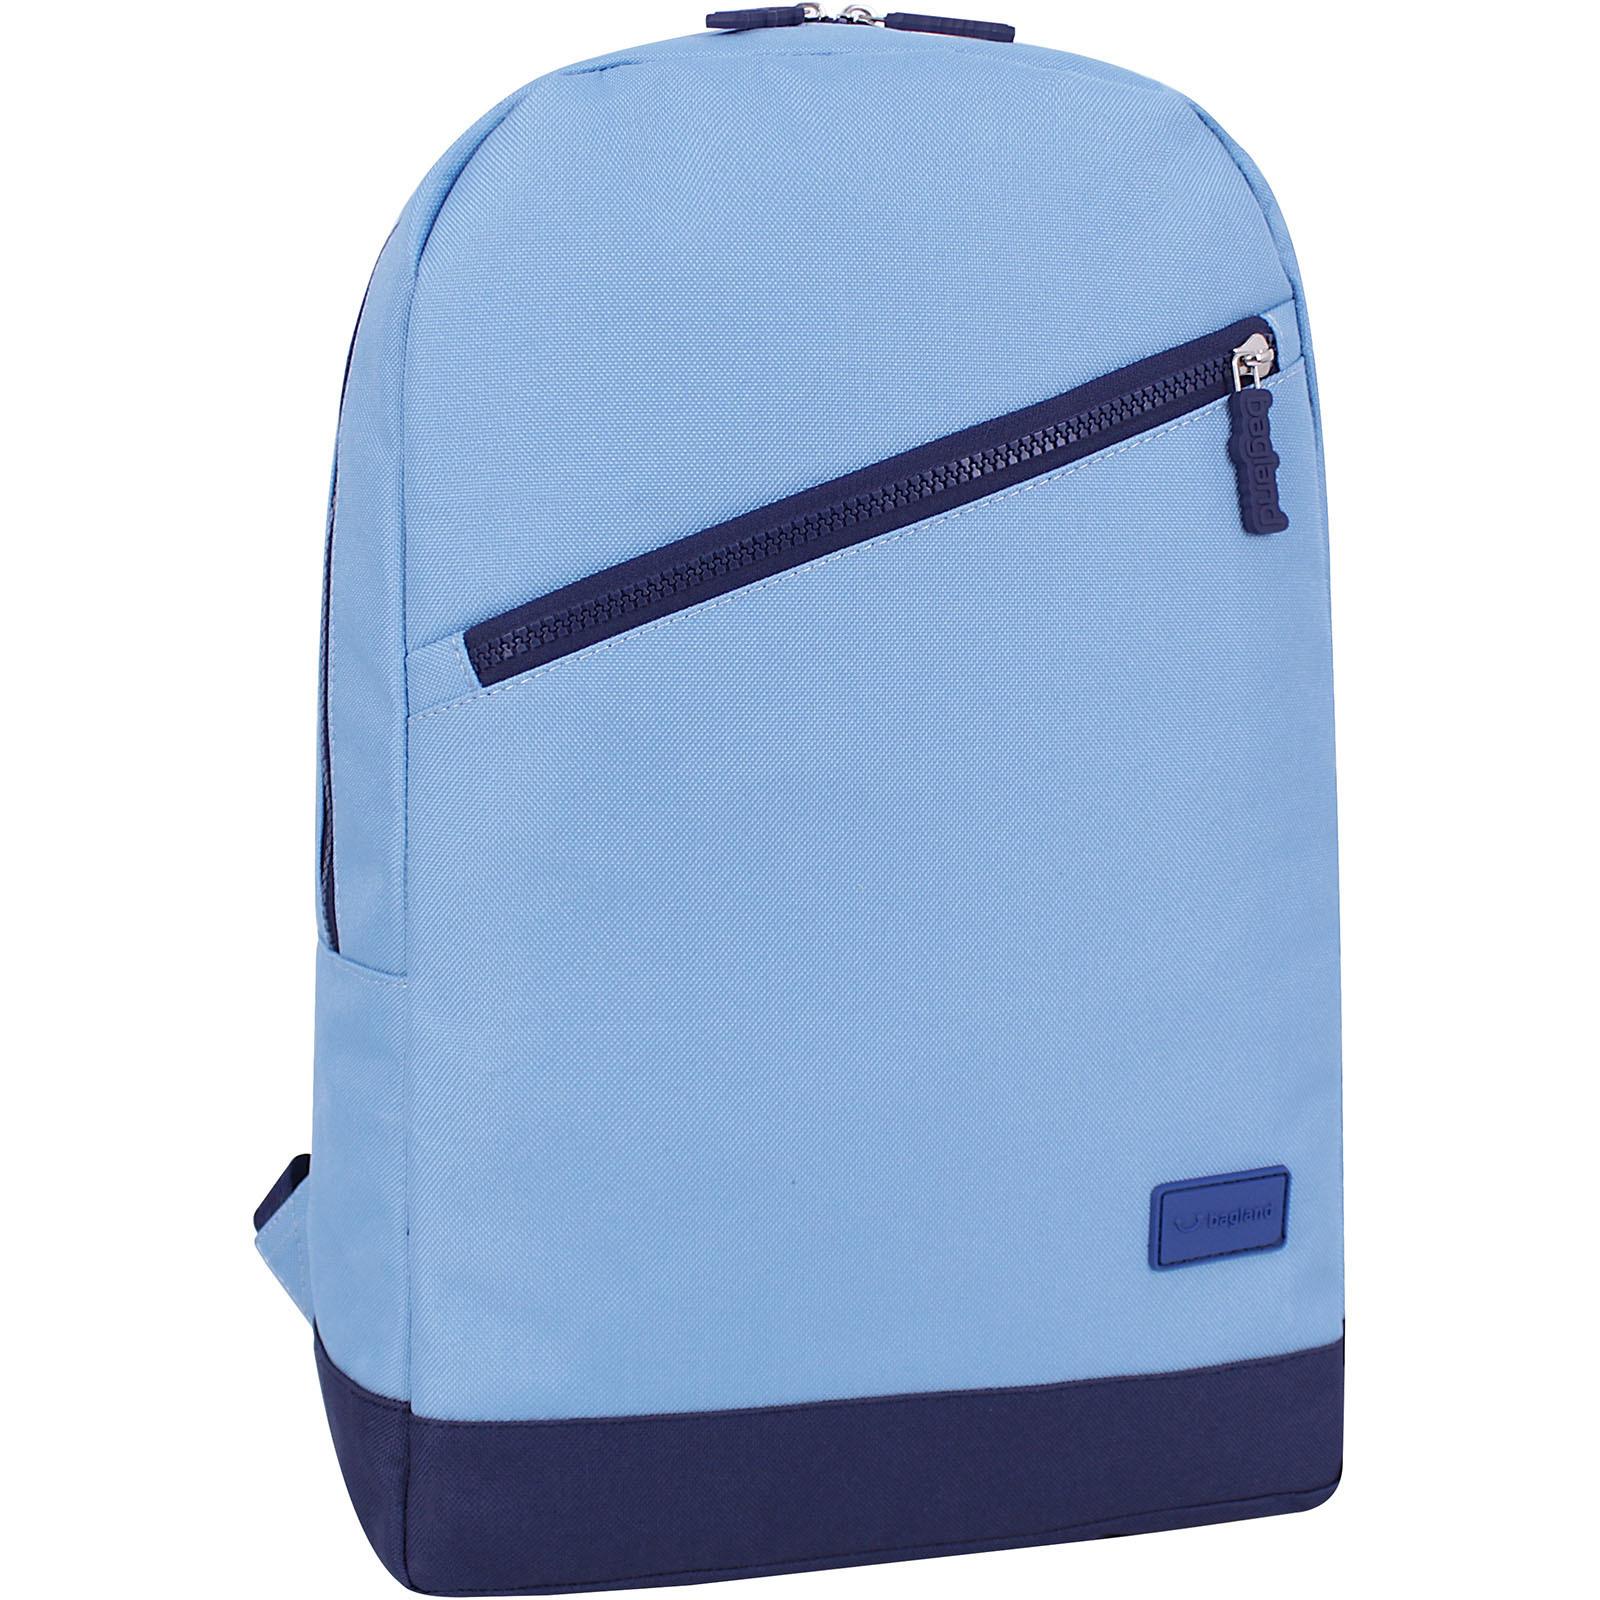 Городские рюкзаки Рюкзак Bagland Amber 15 л. голубой/чернильный (0010466) IMG_5262.JPG